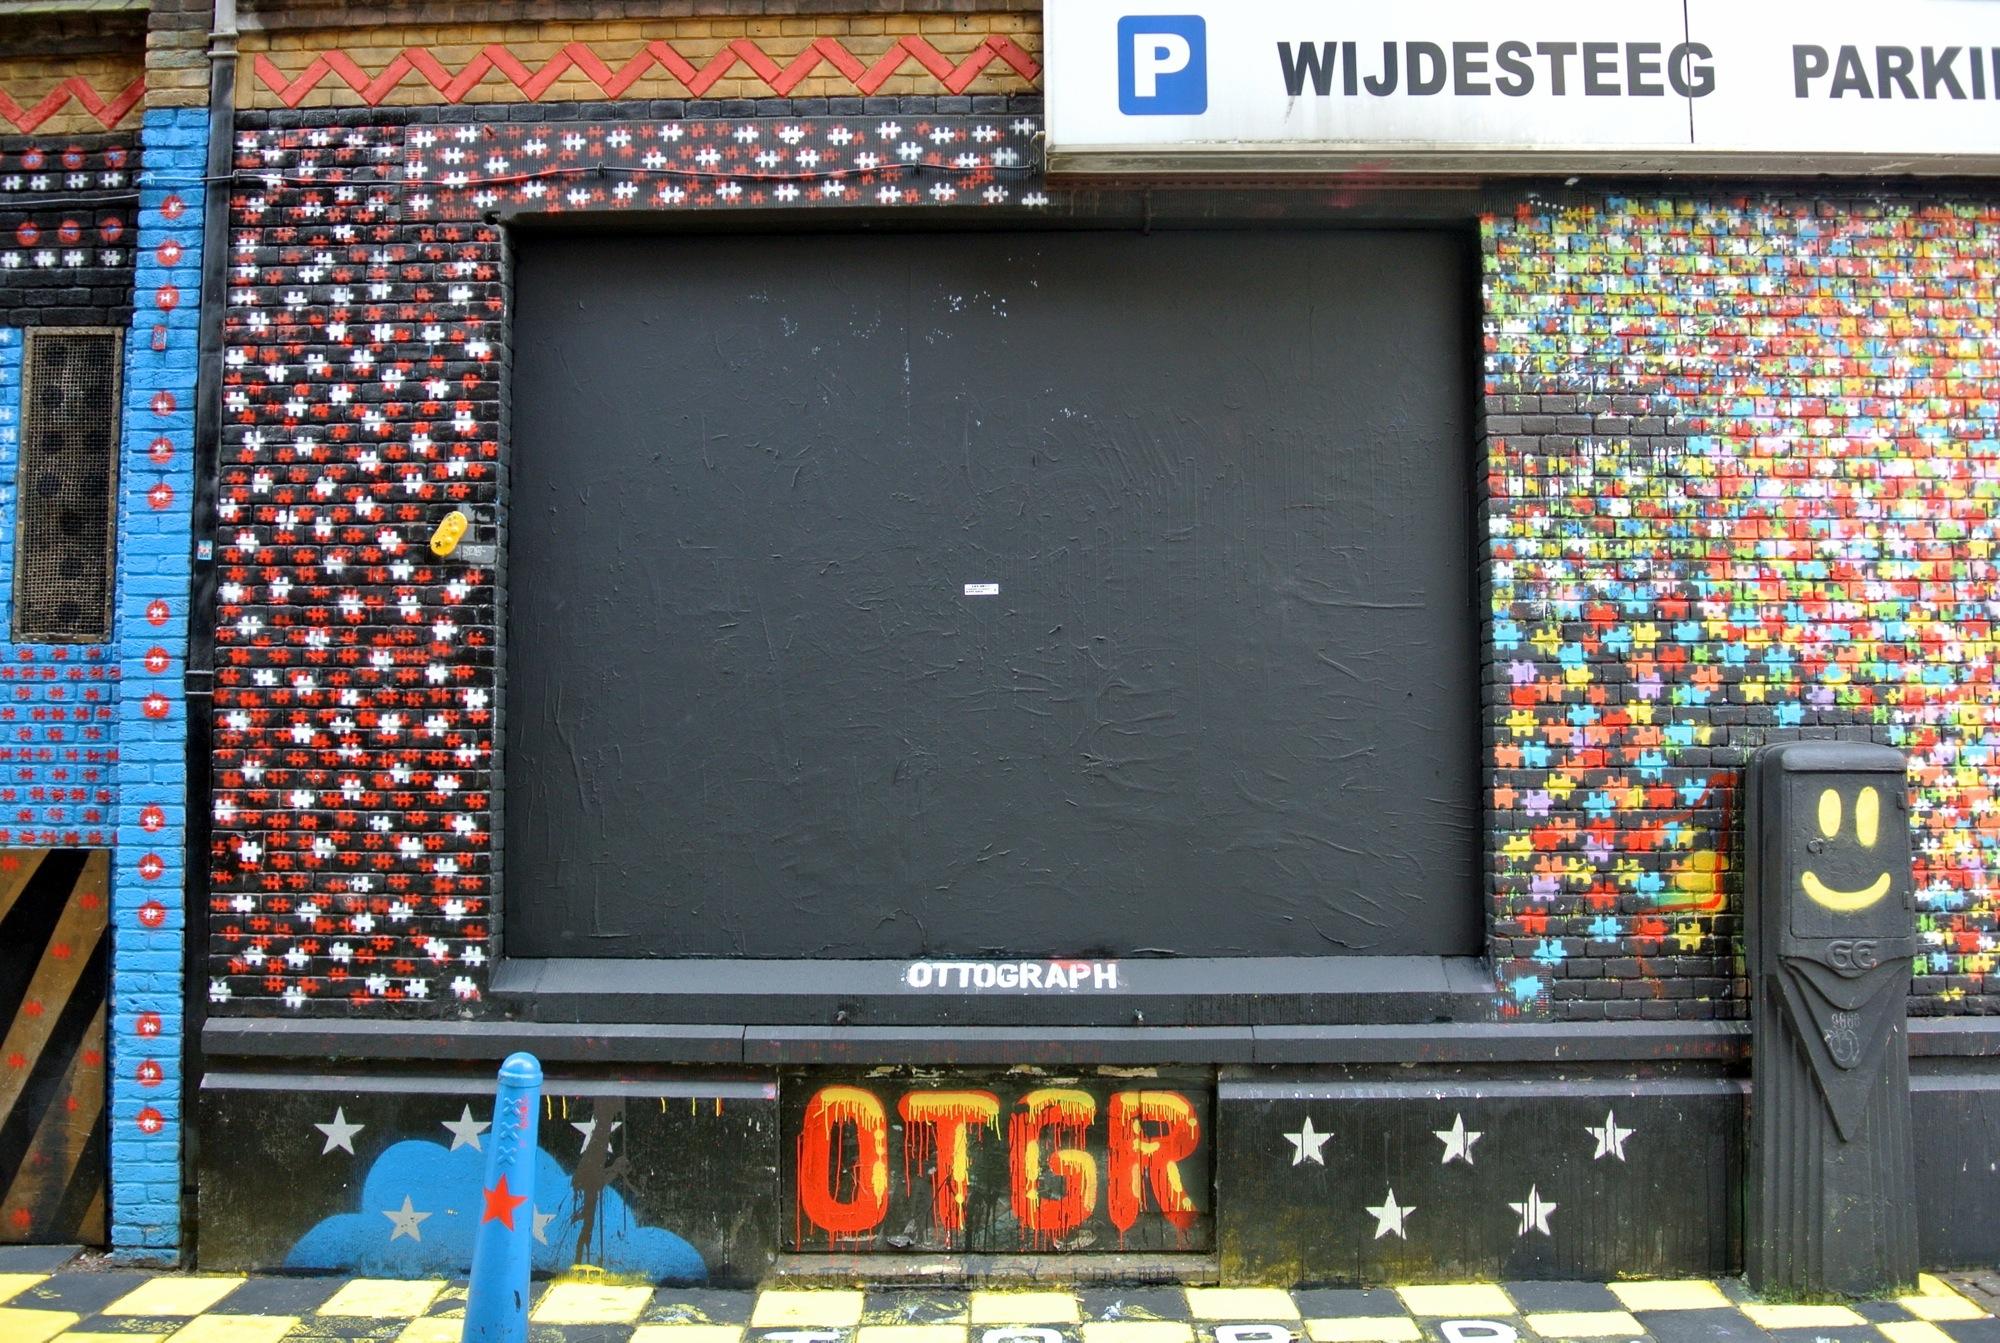 SinPasarte-StreetArt-ILOVEWIJDESTEEG- -007